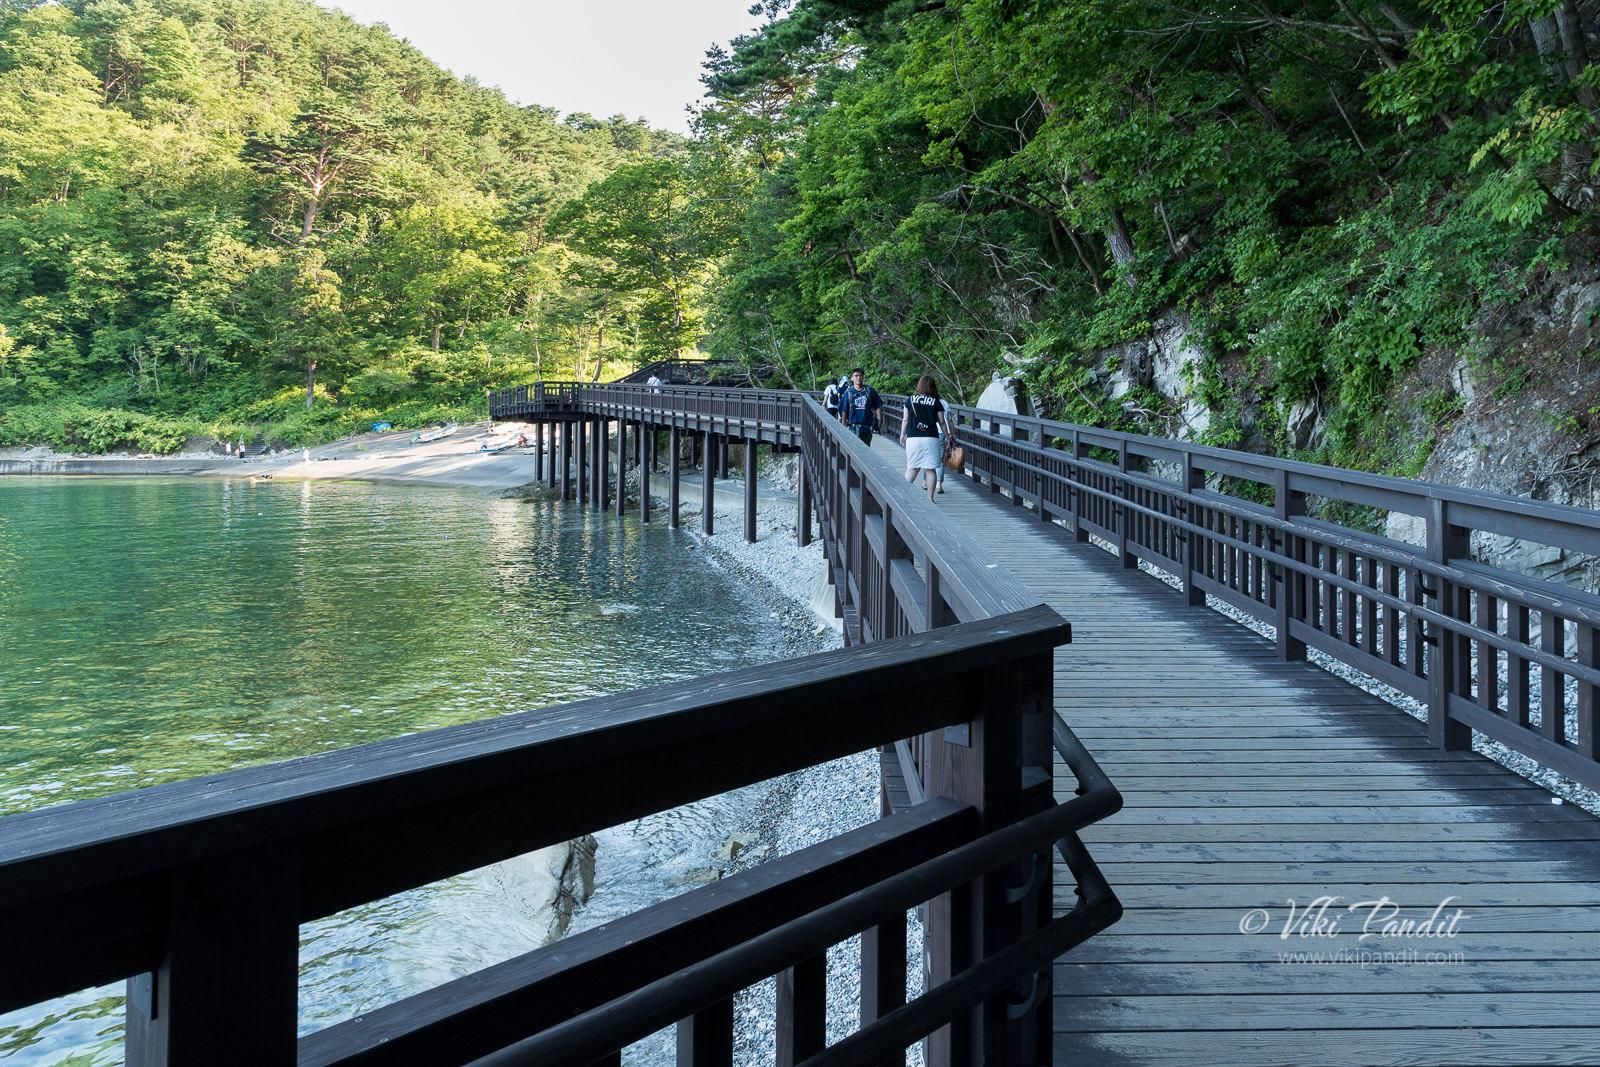 Miyako Jodogahama Boat Cruise pier